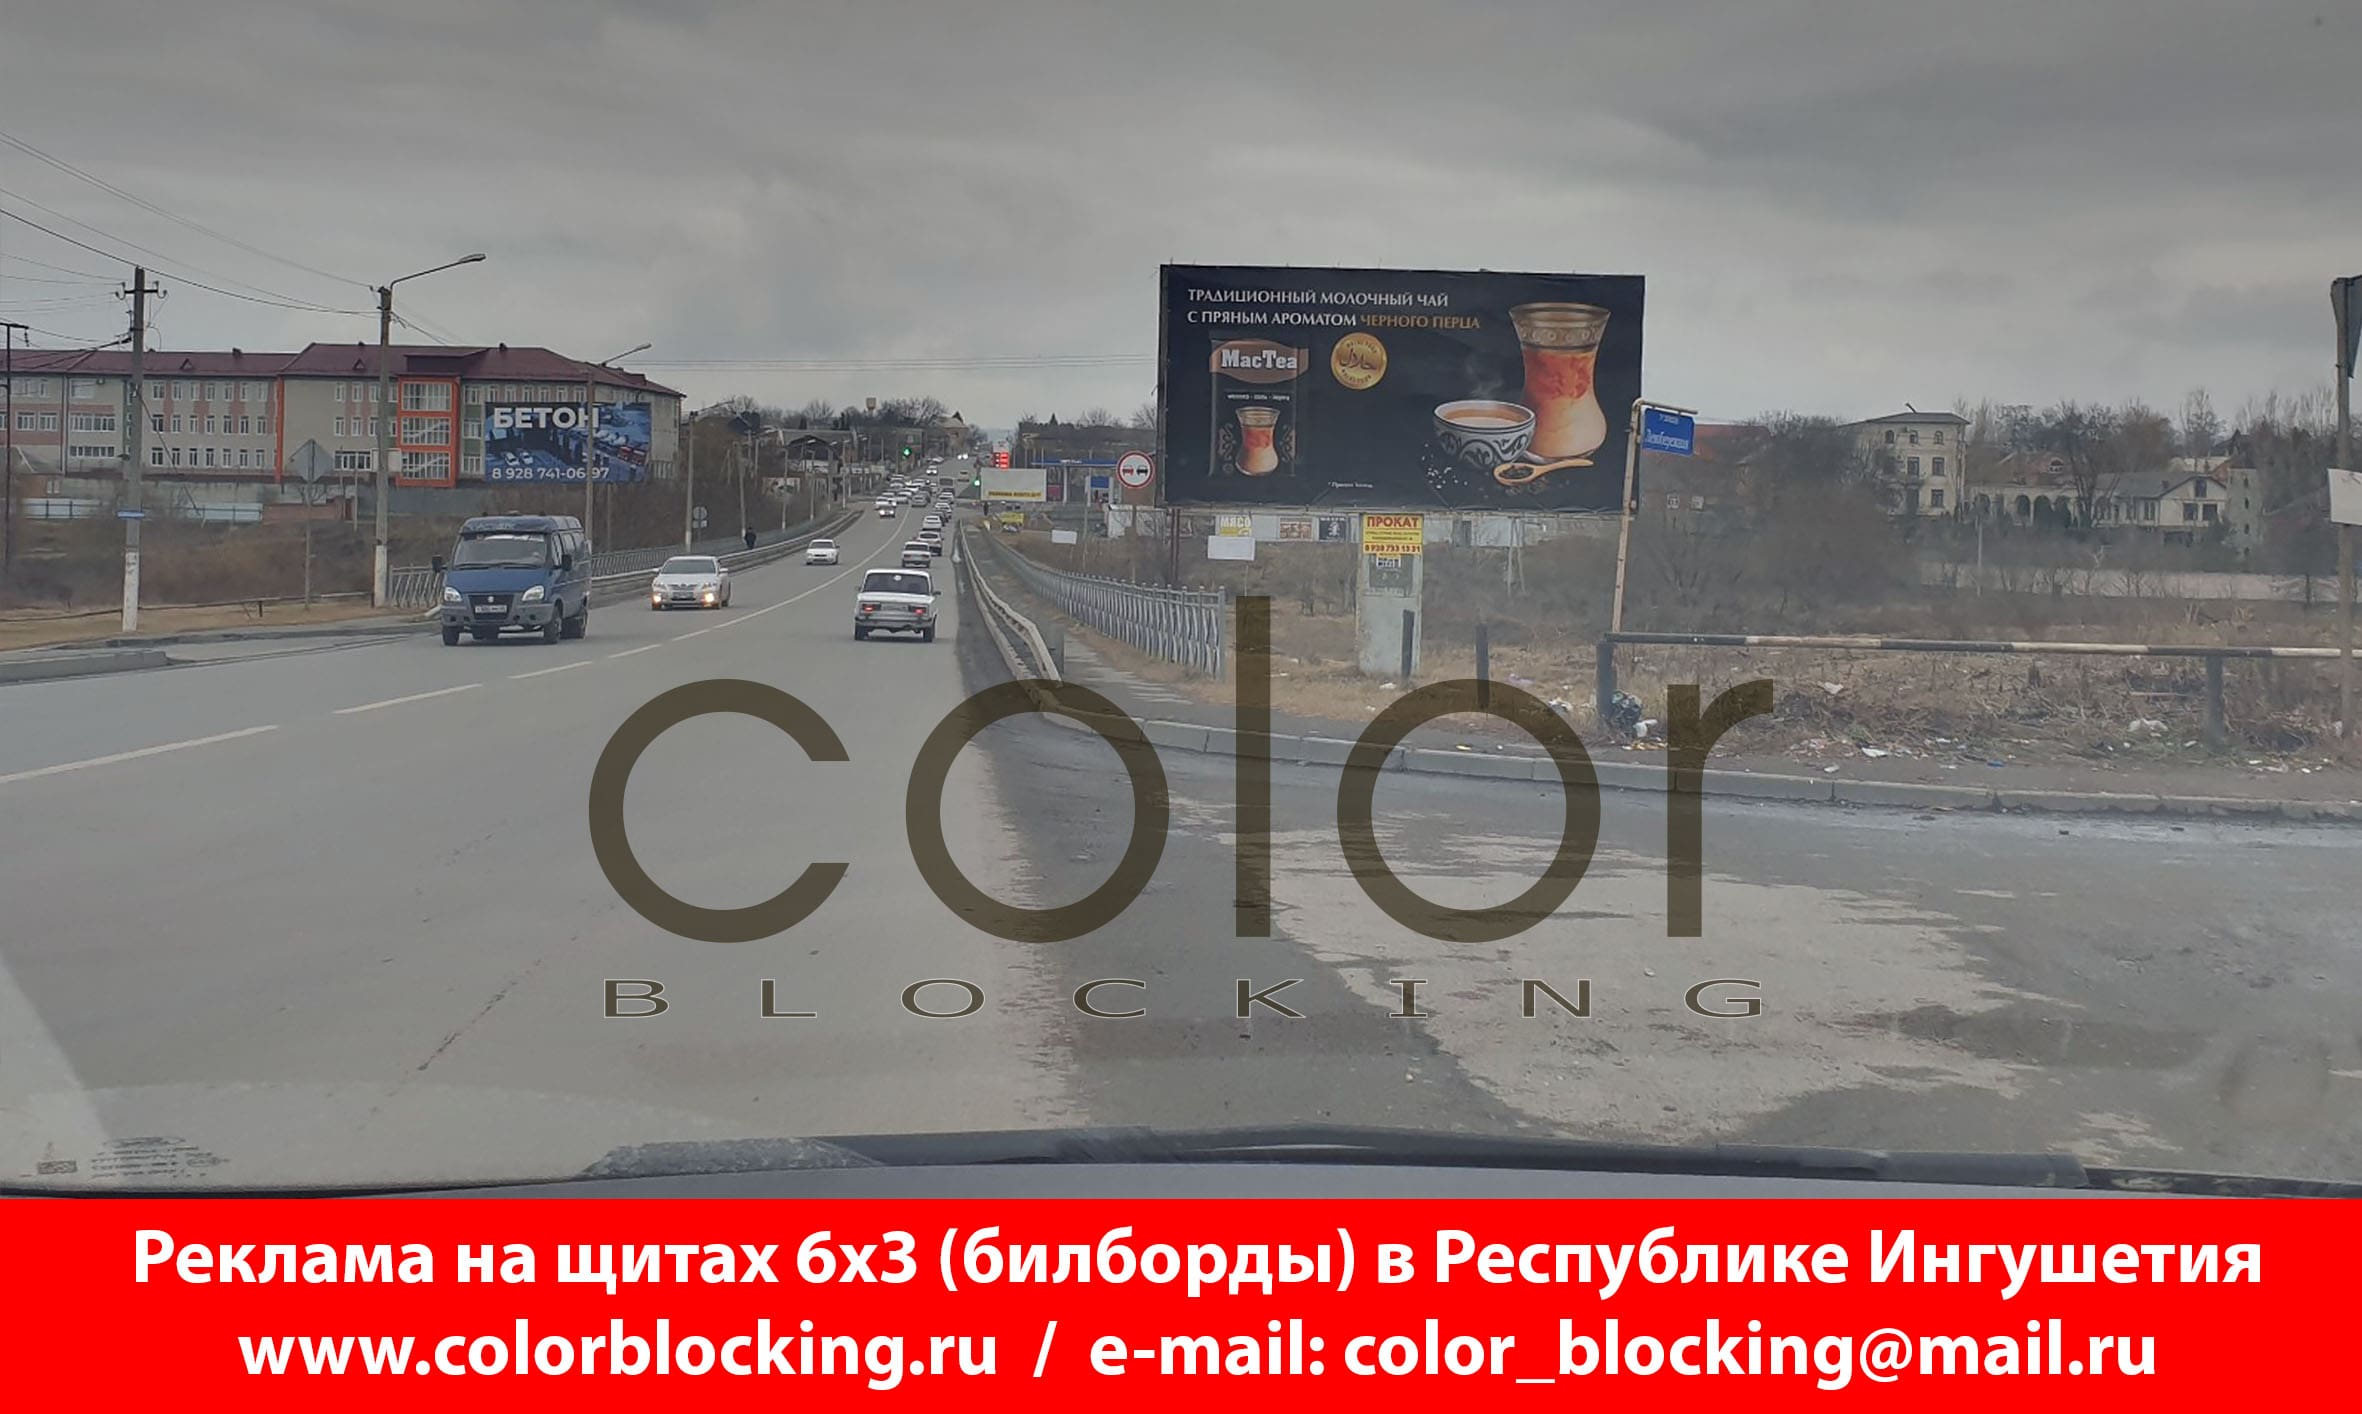 Реклама в Ингушетии на щитах 6х3 собственник